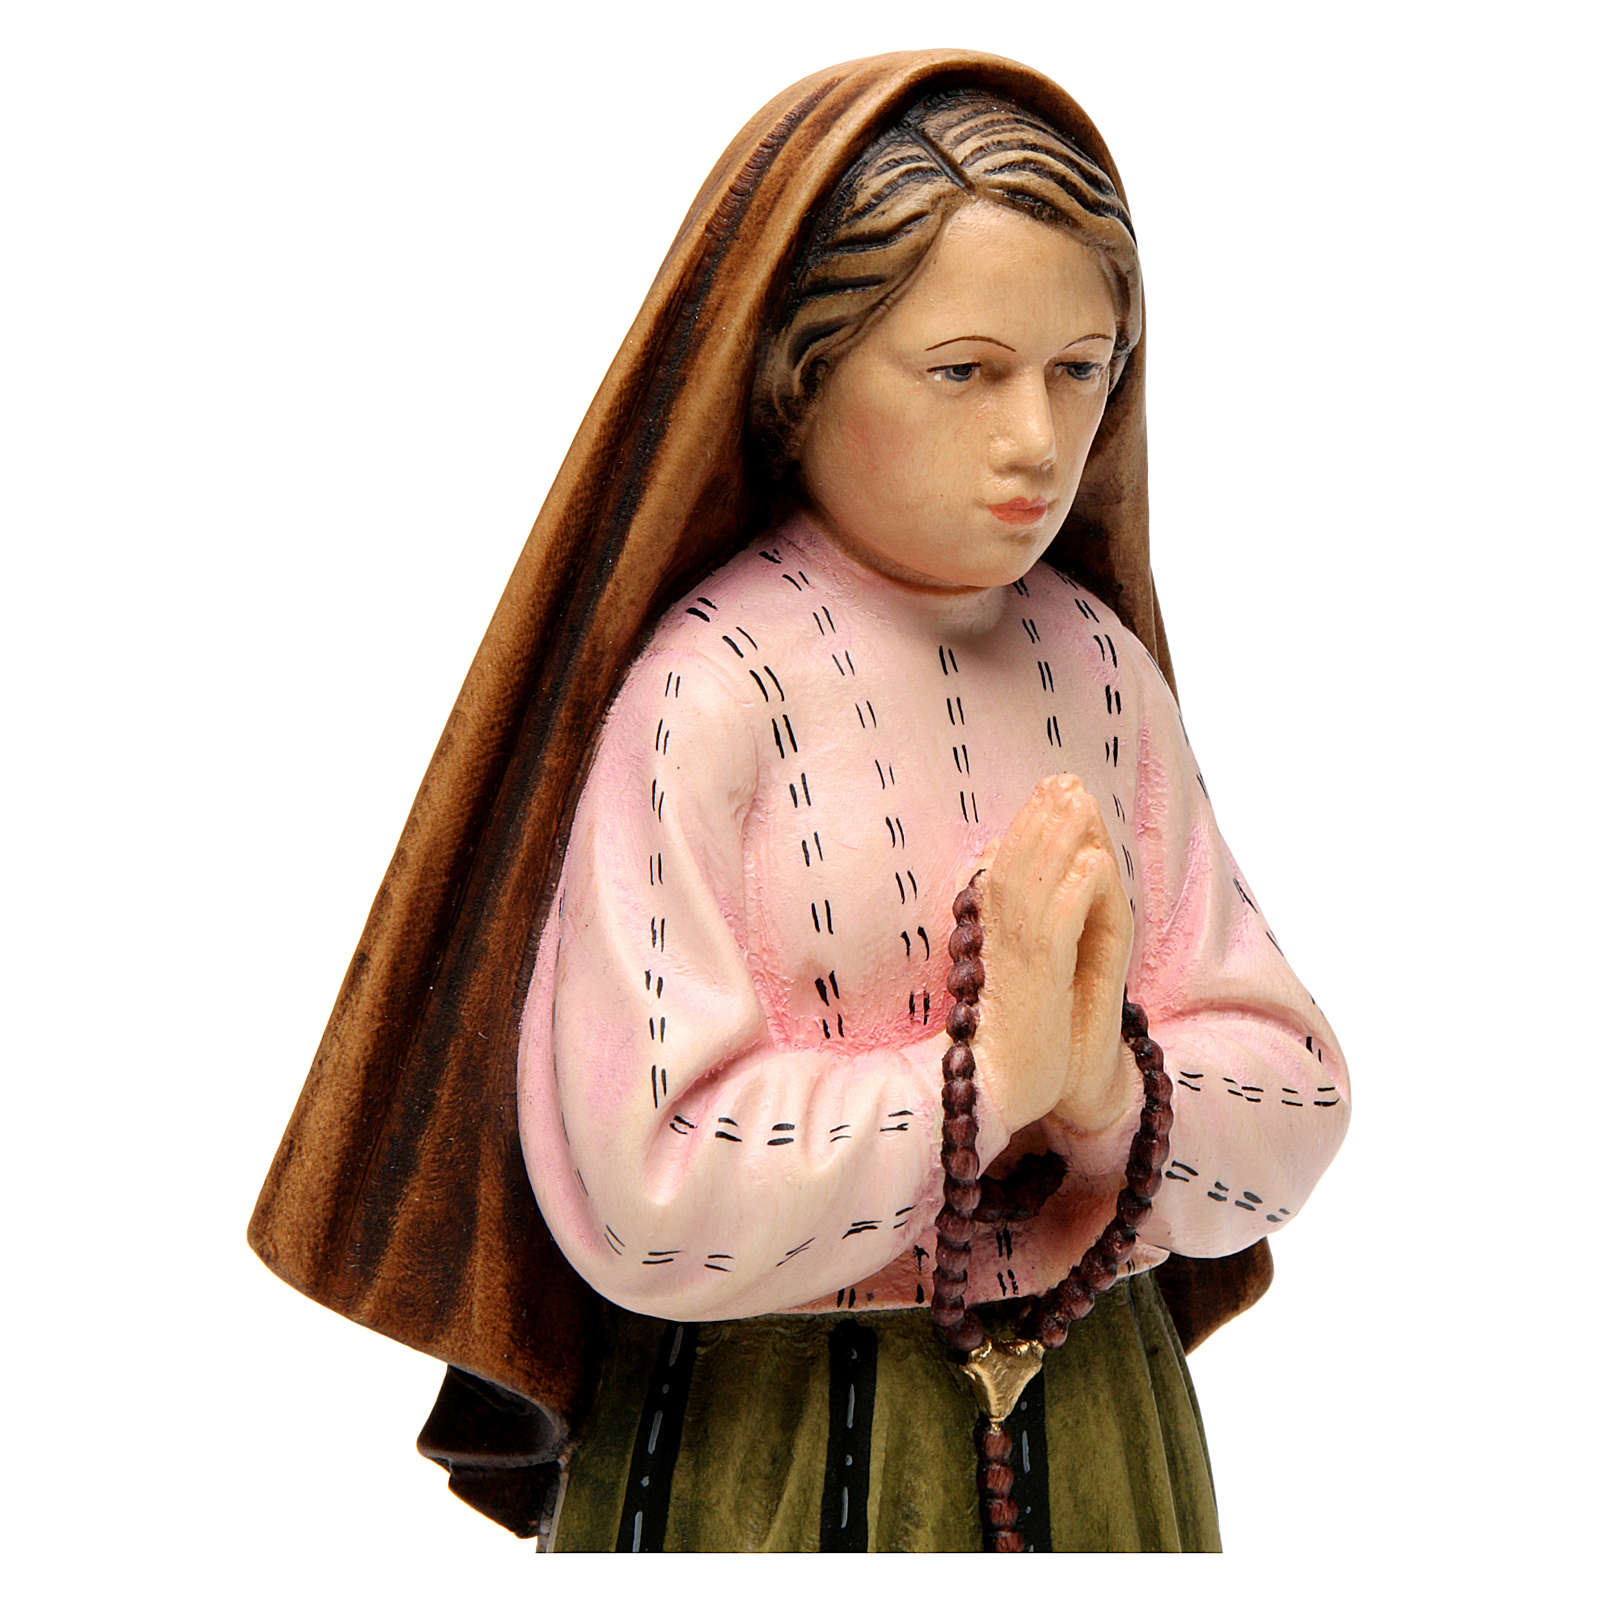 Shepherdess Lucia in painted wood of Valgardena 4